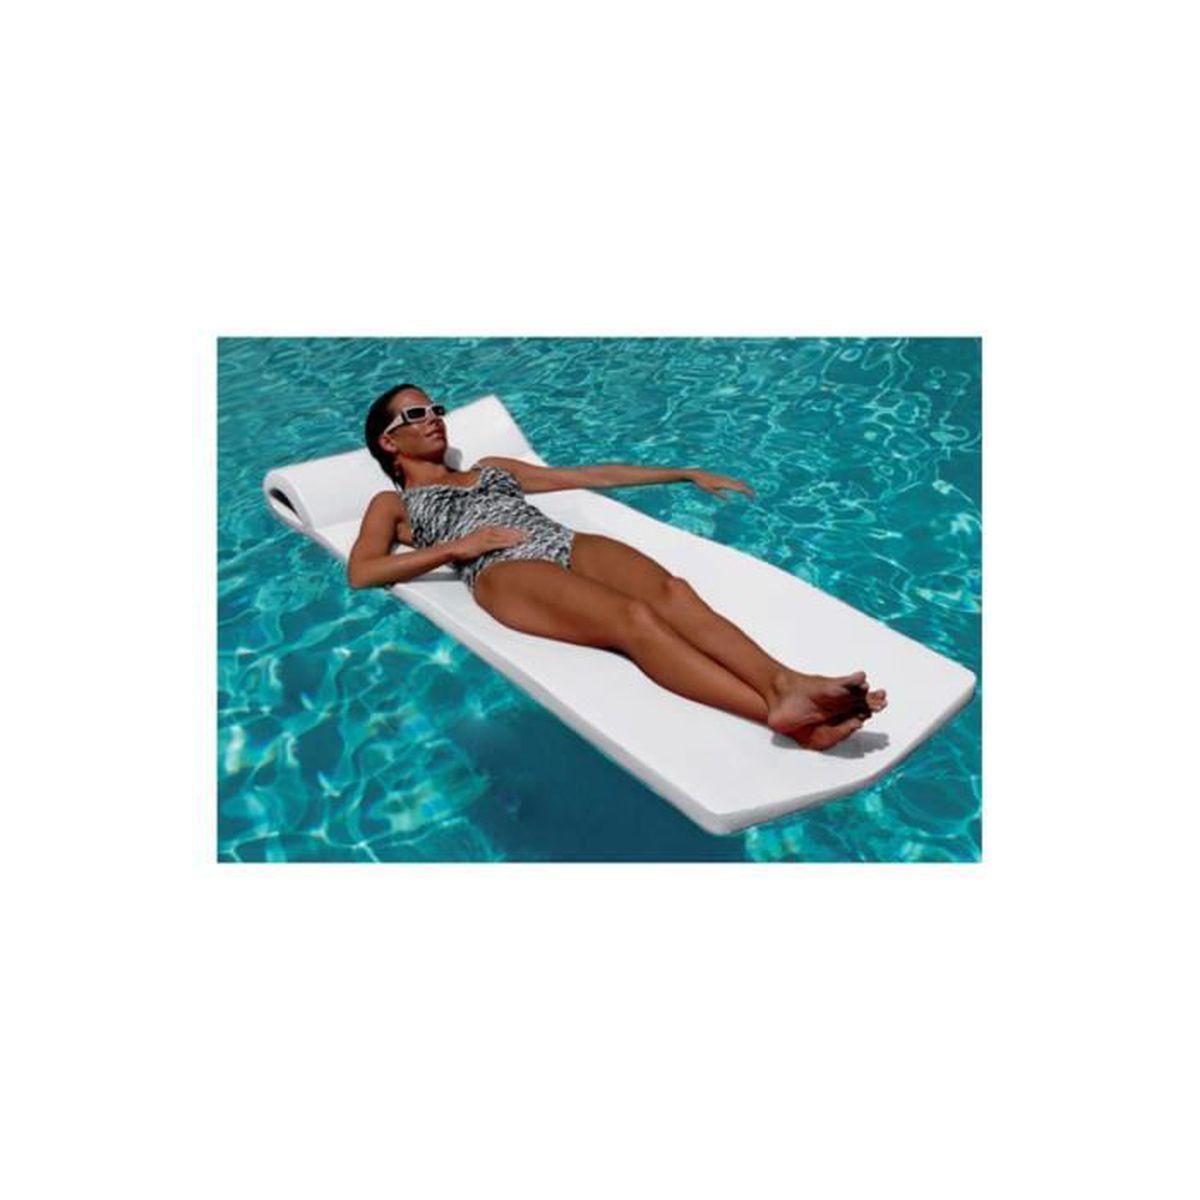 matelas mousse sunsation blanc 178 x 66 x 4 5 pour piscines enterr es et hors sol achat. Black Bedroom Furniture Sets. Home Design Ideas